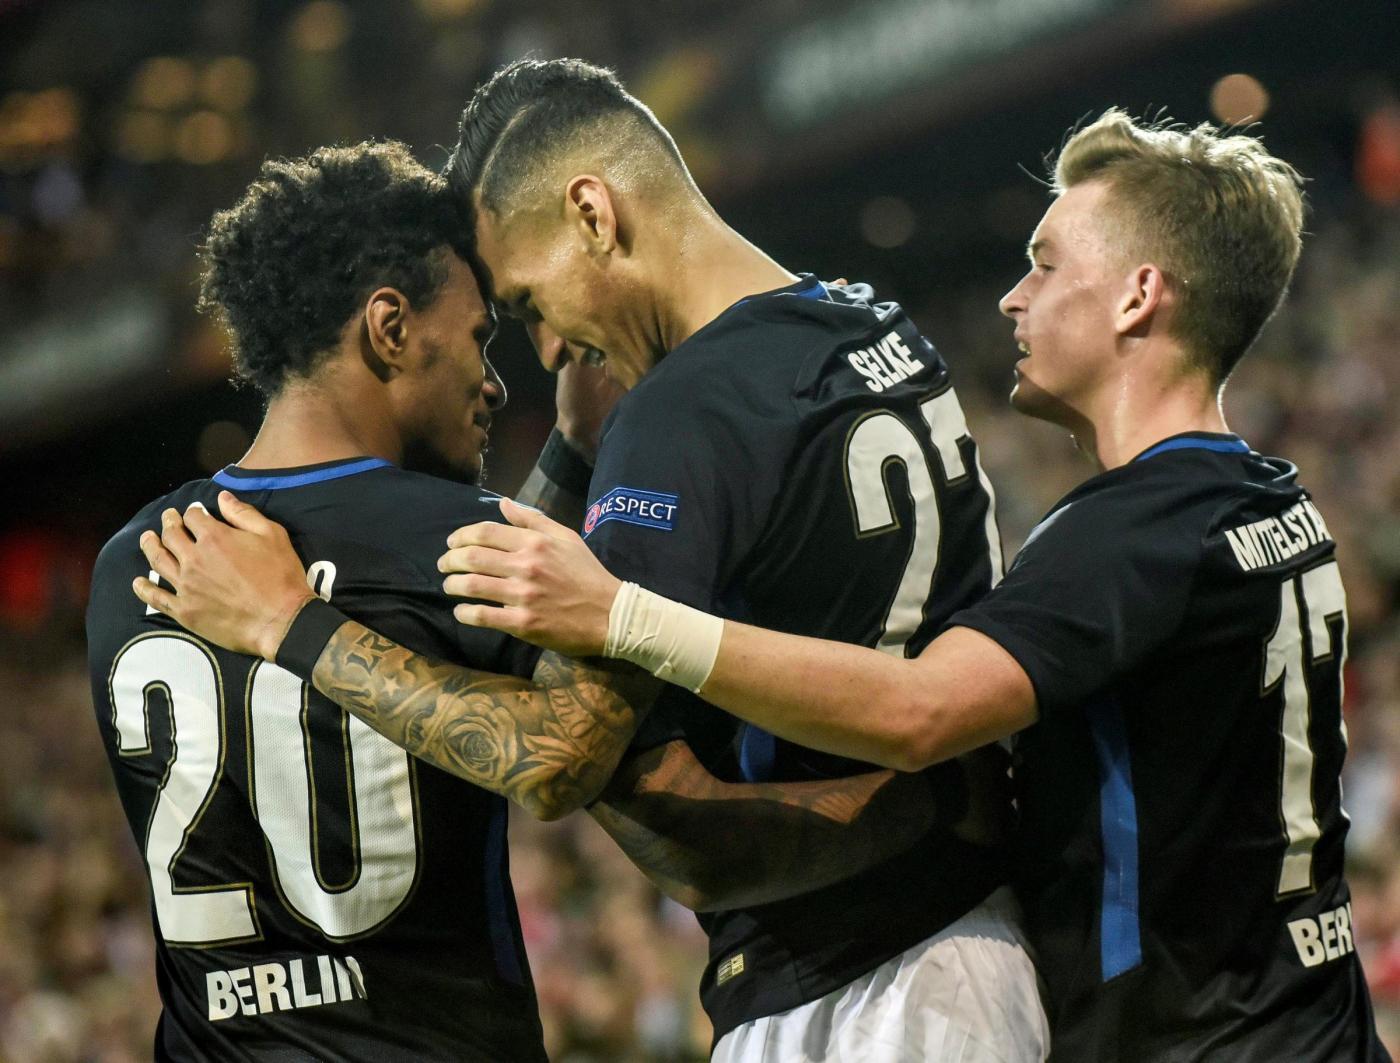 Germania DFB Pokal, Braunschweig-Hertha 20 agosto: analisi e pronostico della giornata dedicata alla coppa nazionale calcistica tedesca